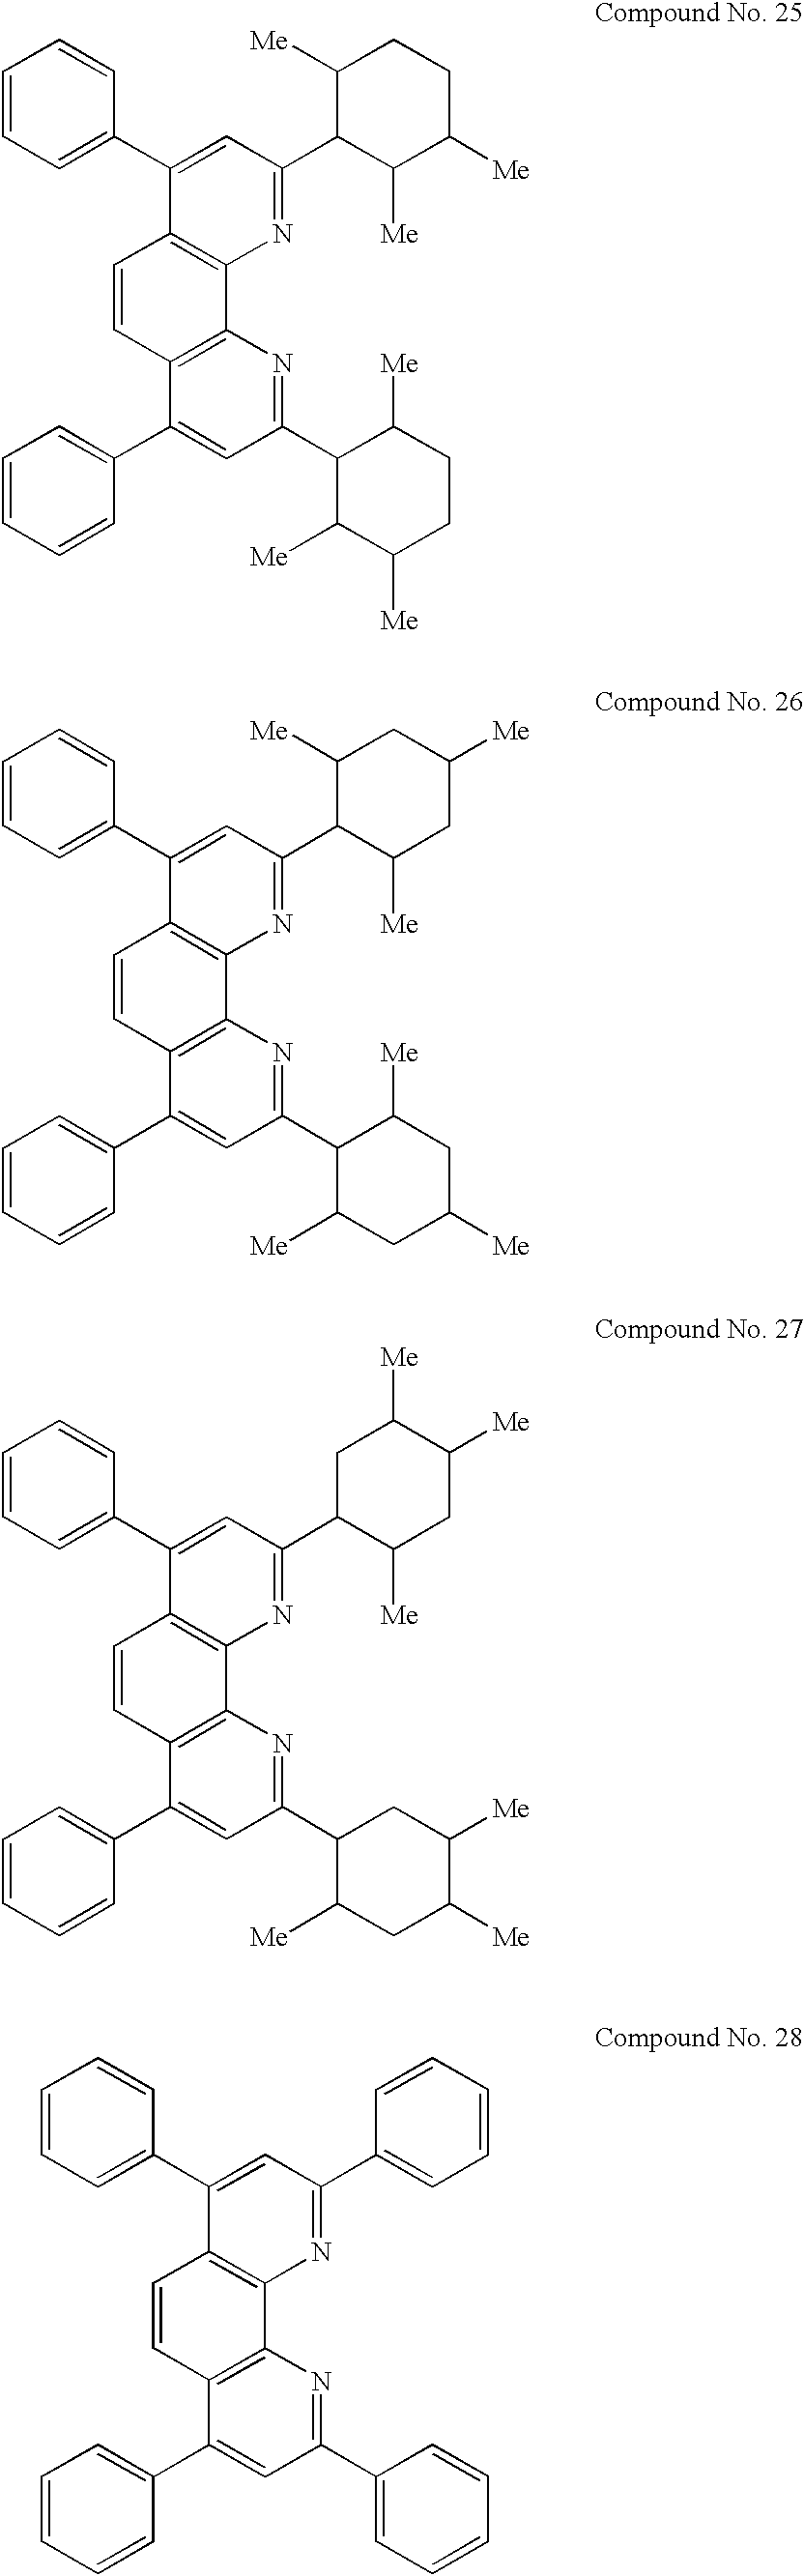 Figure US06524728-20030225-C00009